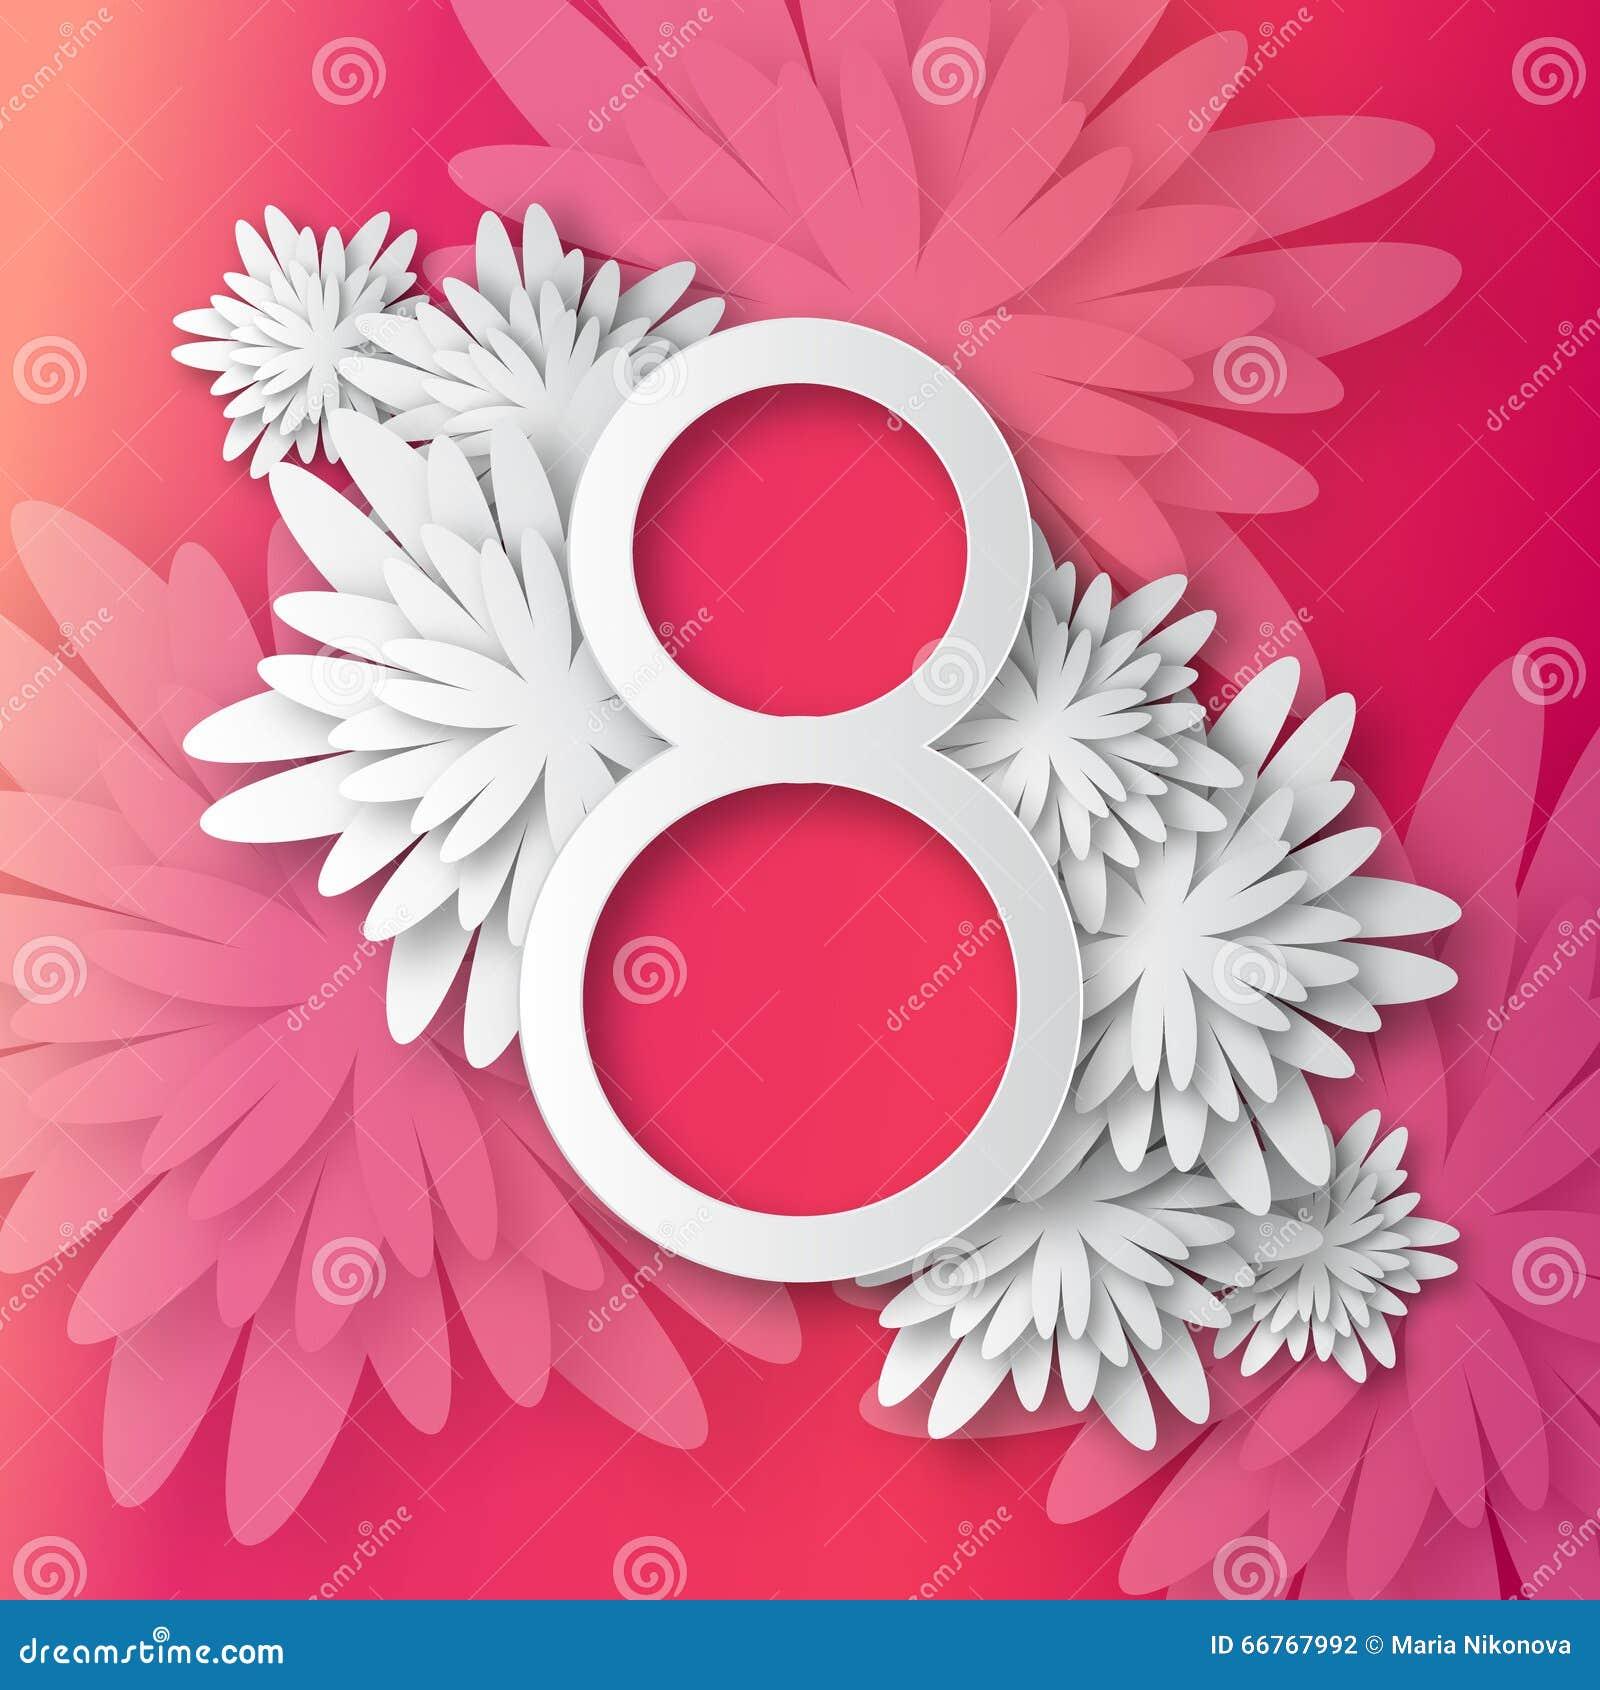 Cartão floral cor-de-rosa colorido abstrato - o dia das mulheres felizes internacionais - 8 de março feriado